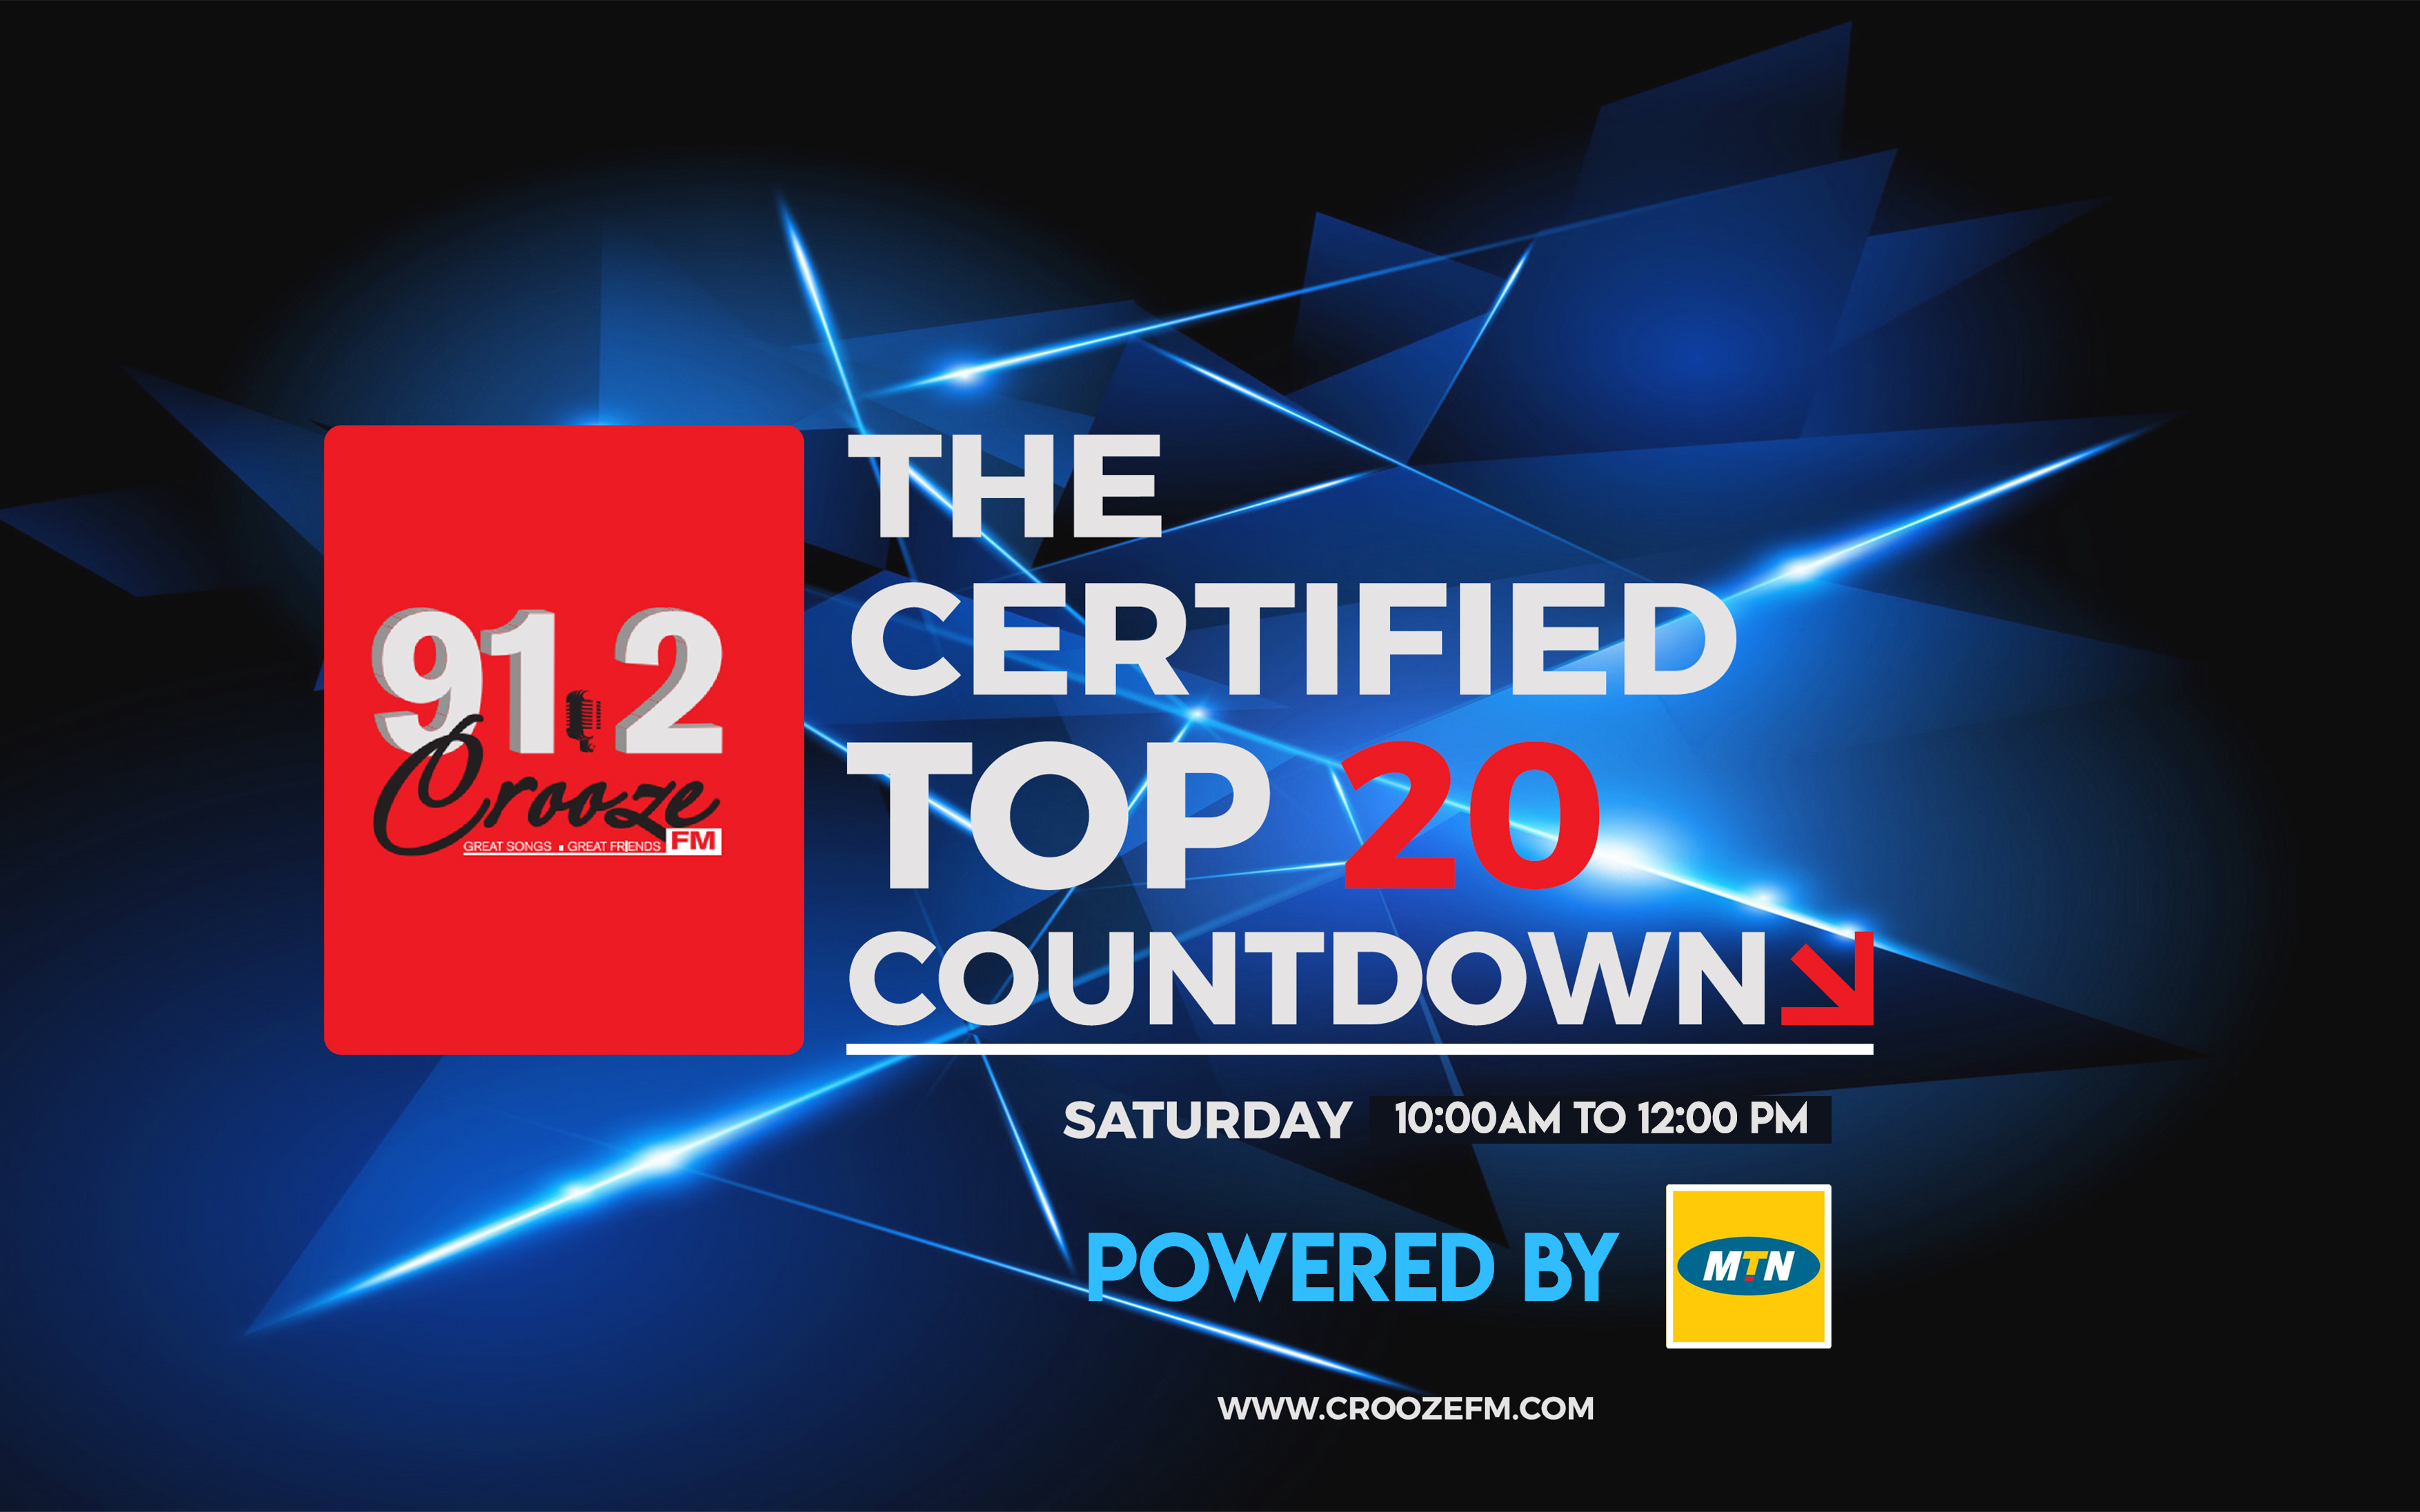 The Certified Weekly Top 20 - Western Uganda's Biggest radio